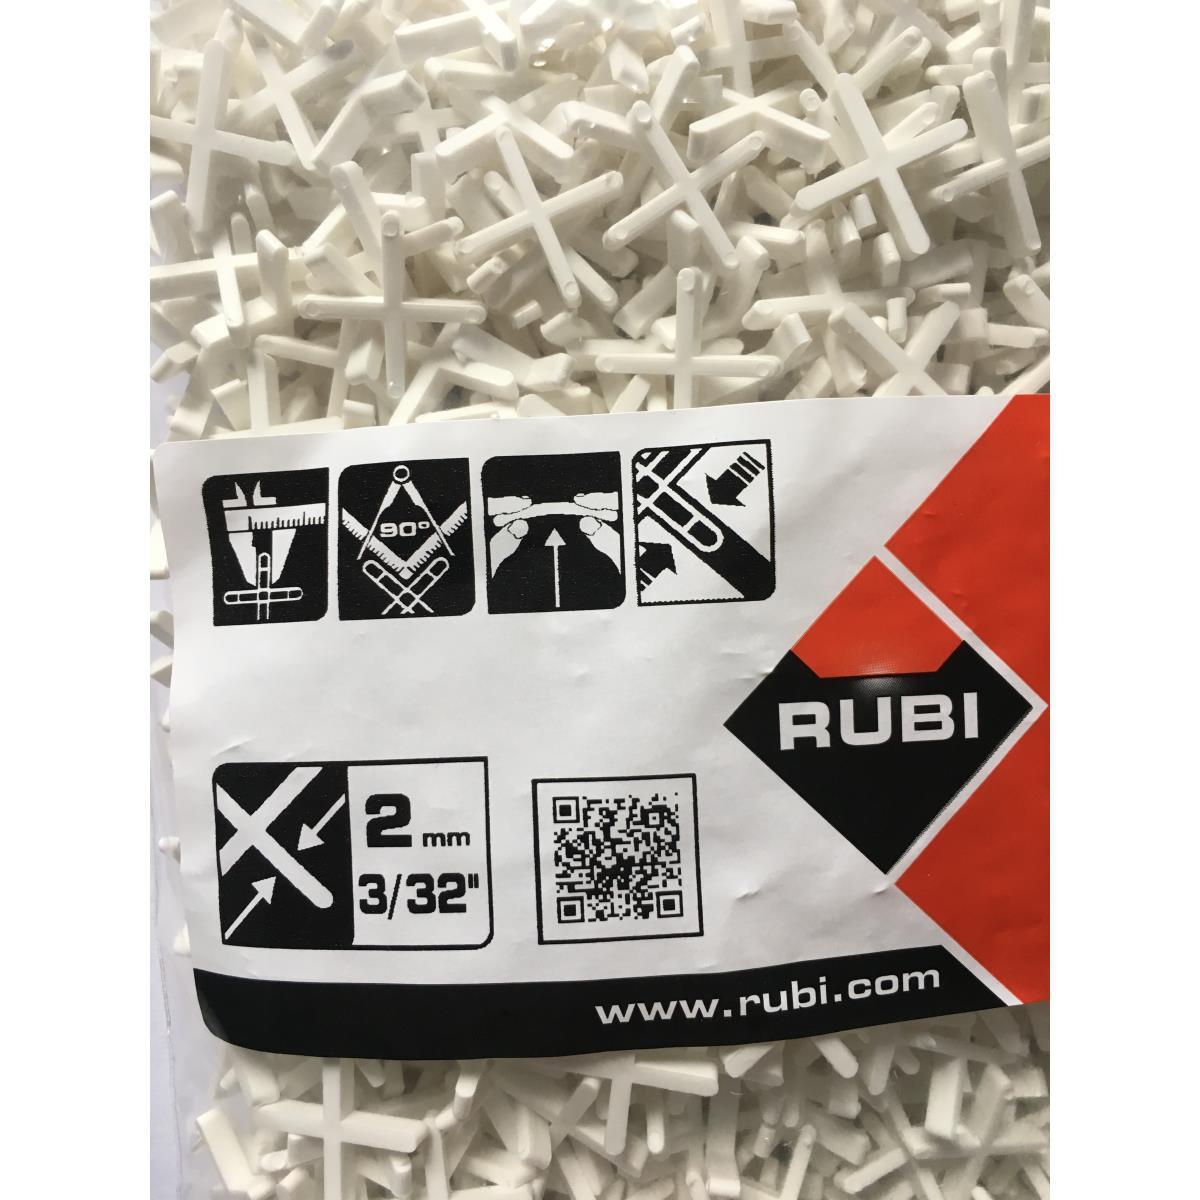 1000 Fliesenkreuze Fugenkreuze 2 mm weiß Distanzstücke Keile Kunststoff